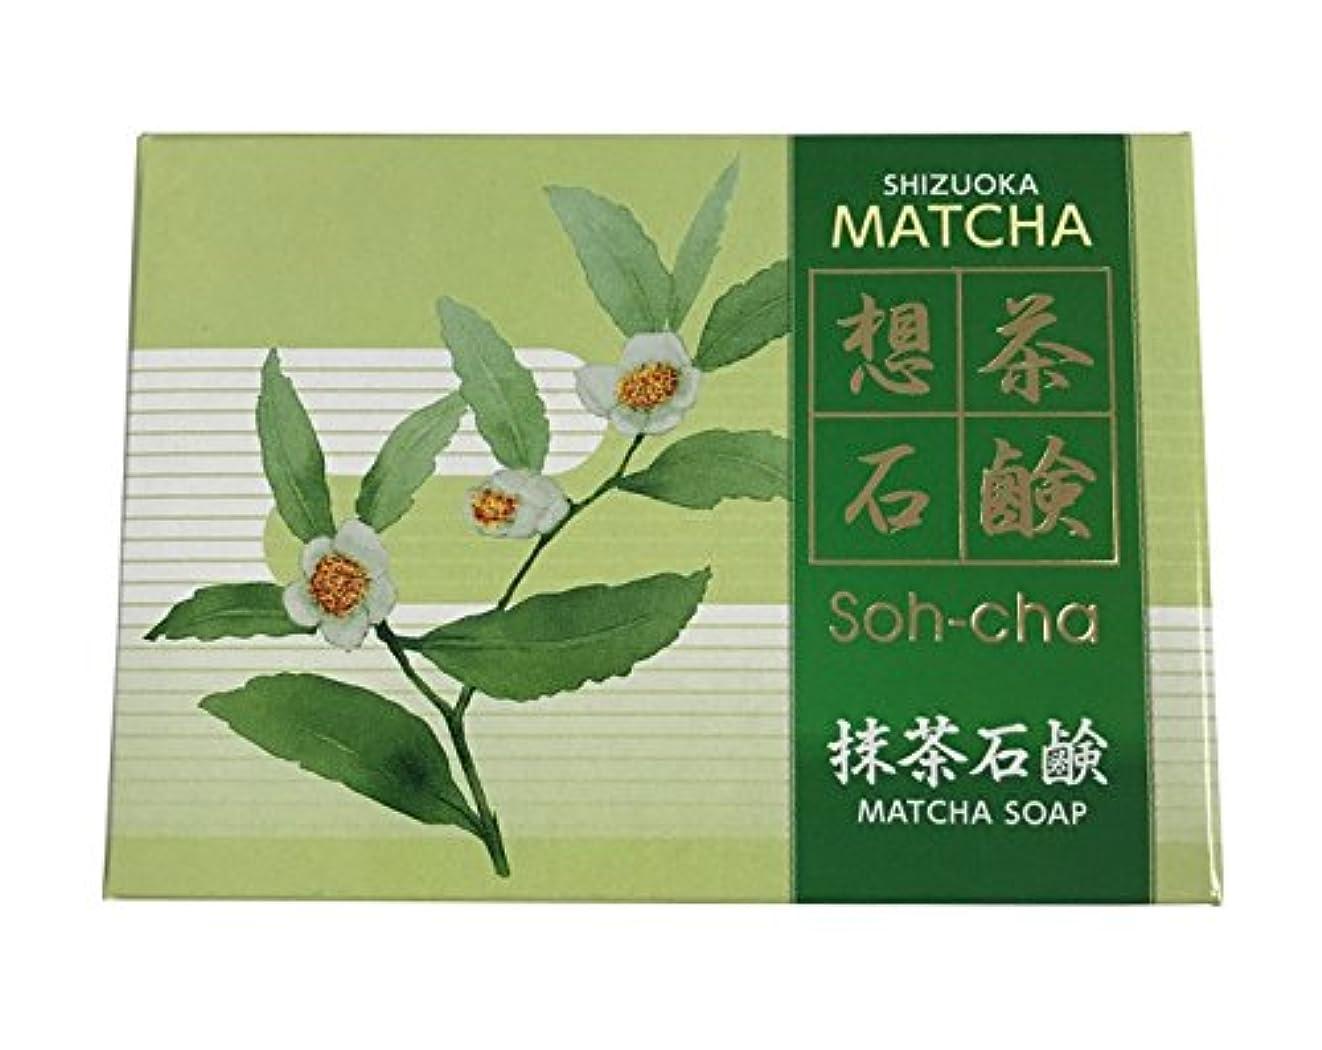 レインコートレインコートフライトフロムS 想茶石鹸 抹茶 (泡立てネット付) 80g